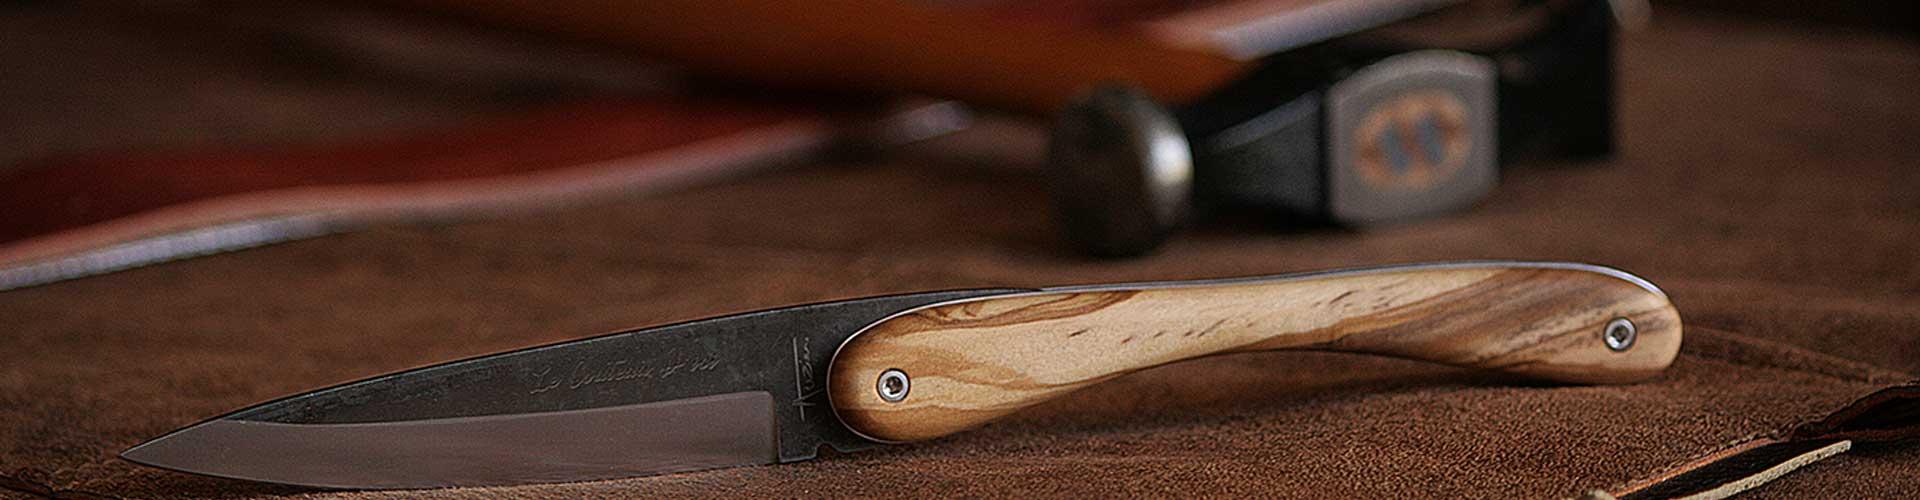 Coutellerie de la Boissière, Benjamin Auzier, designer coutelier dans l'Hérault